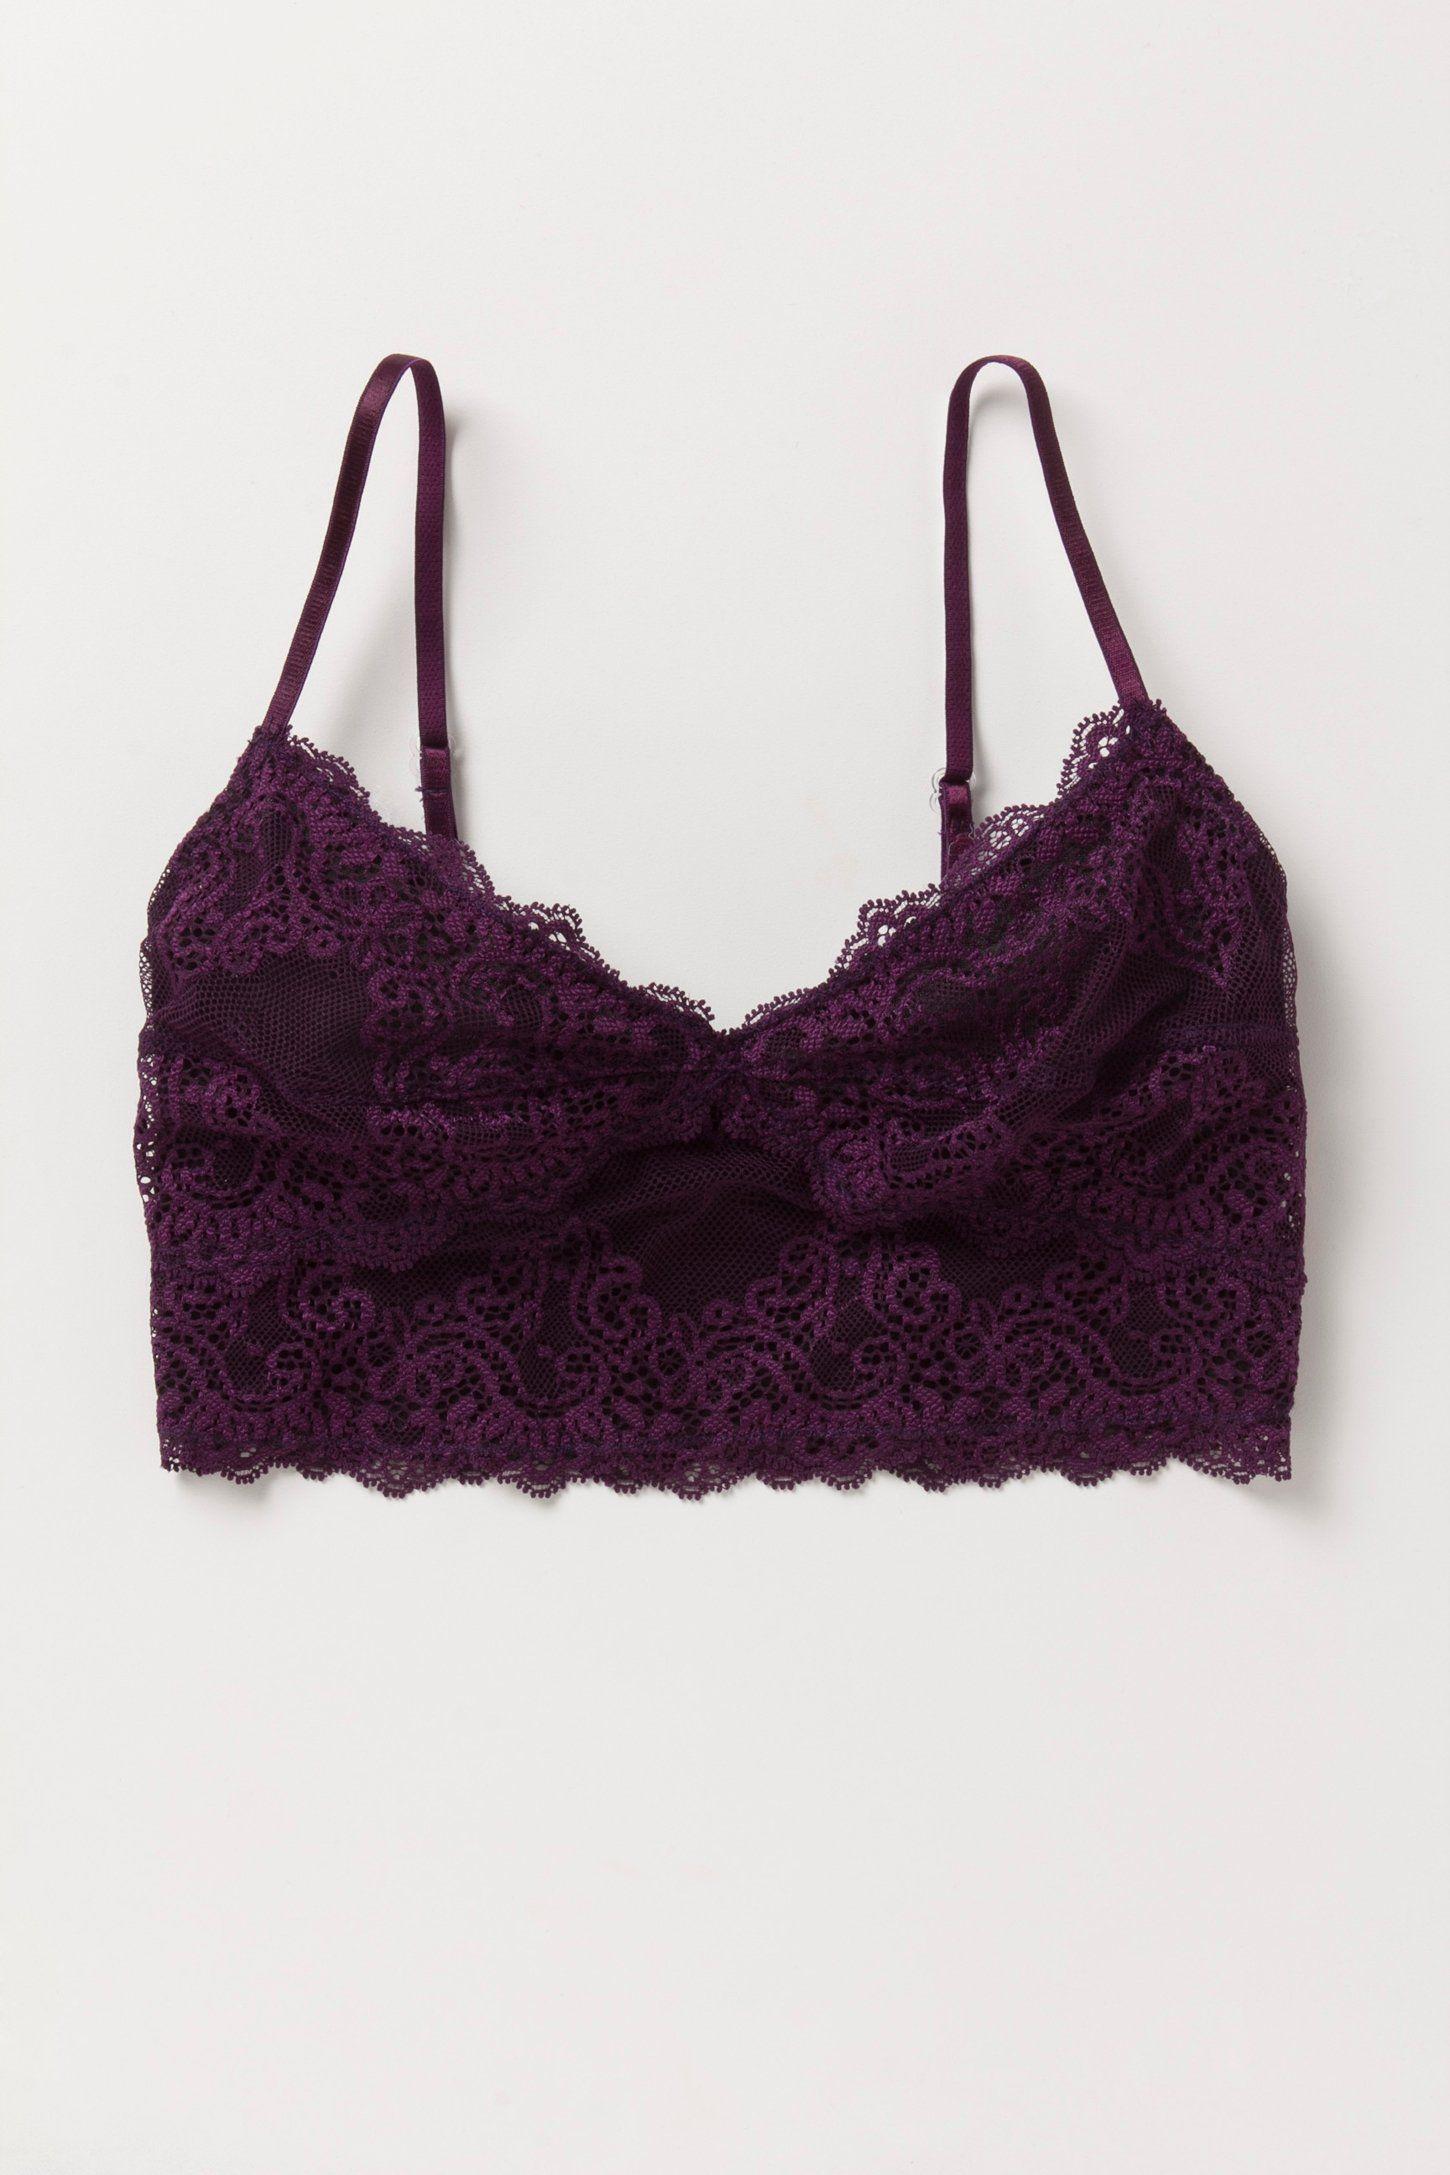 36cdcd17e371e1 cute AND comfortable lacy bits Purple Bralette